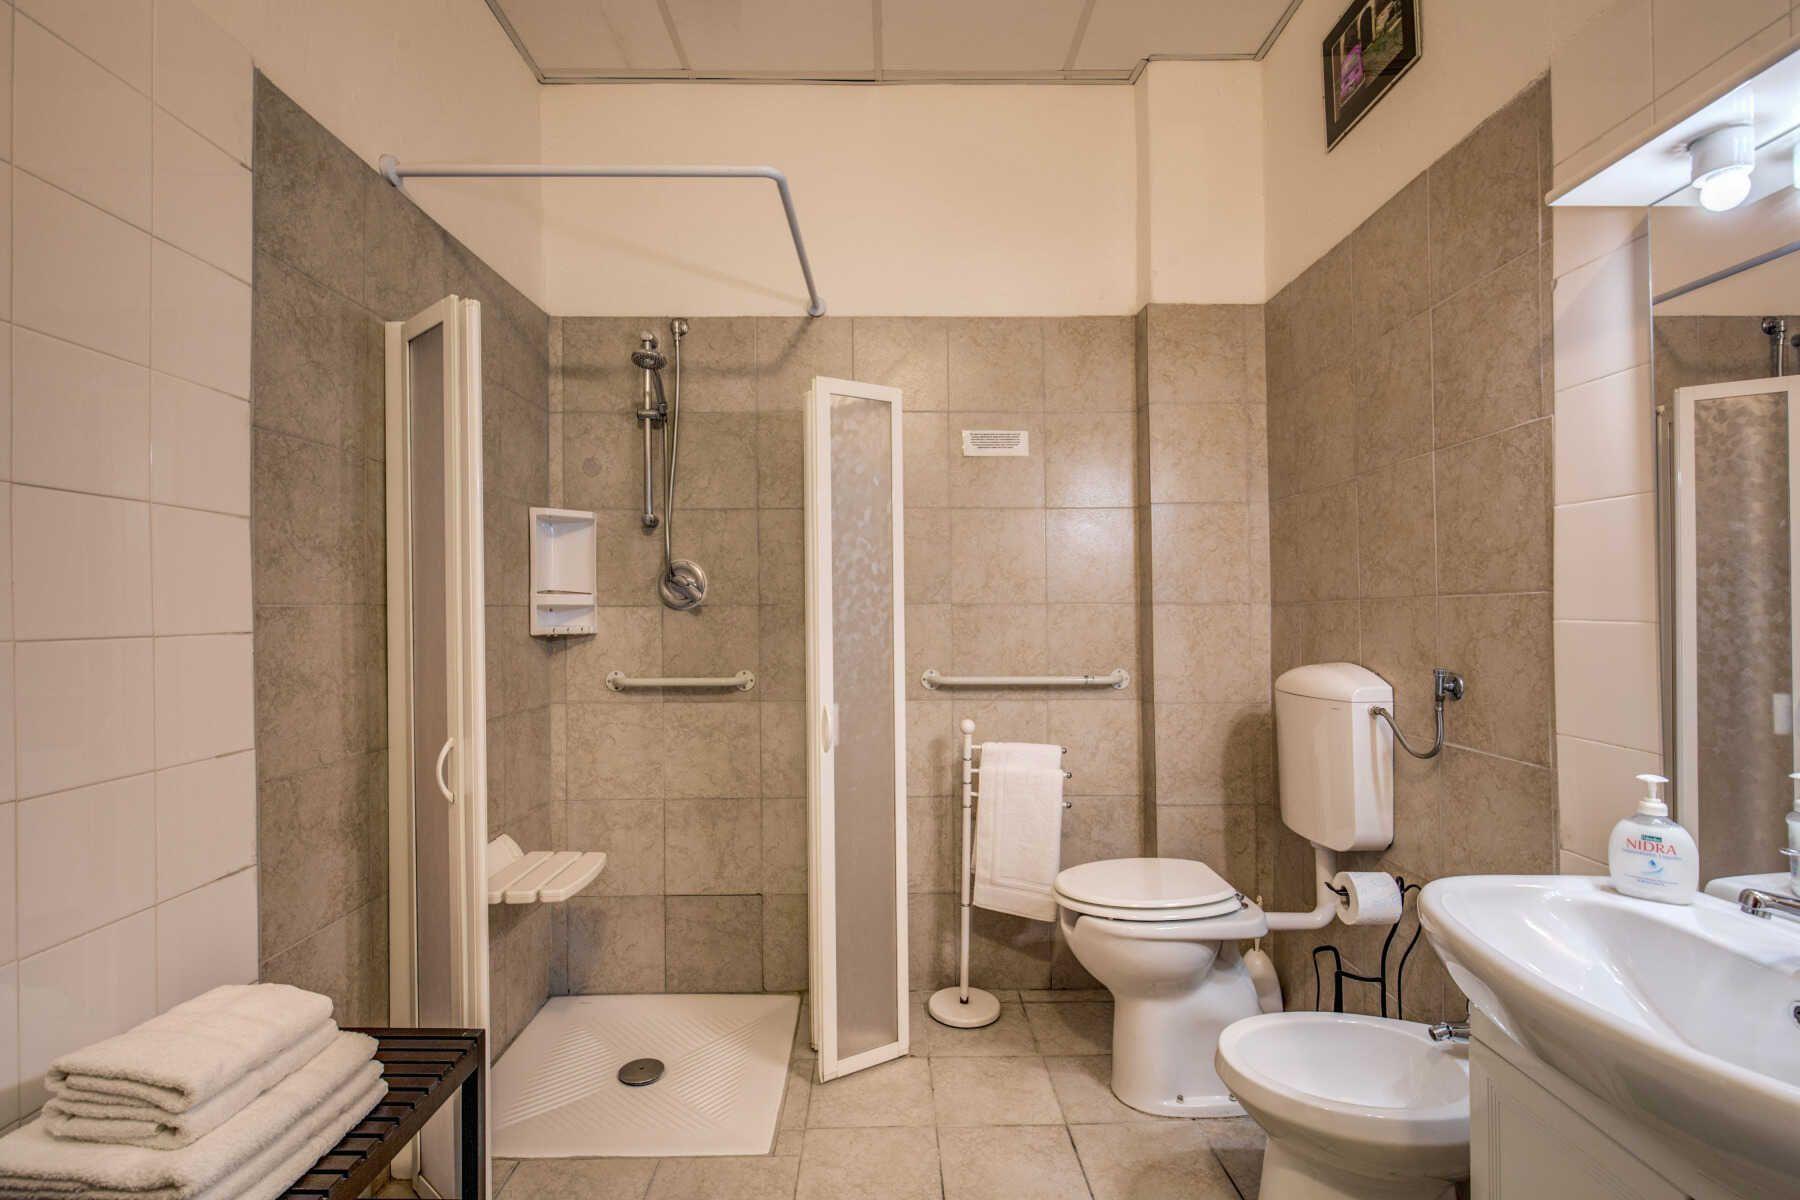 Casa vacanze per disabili comfy at the colosseum roma - Altezza prese elettriche bagno ...